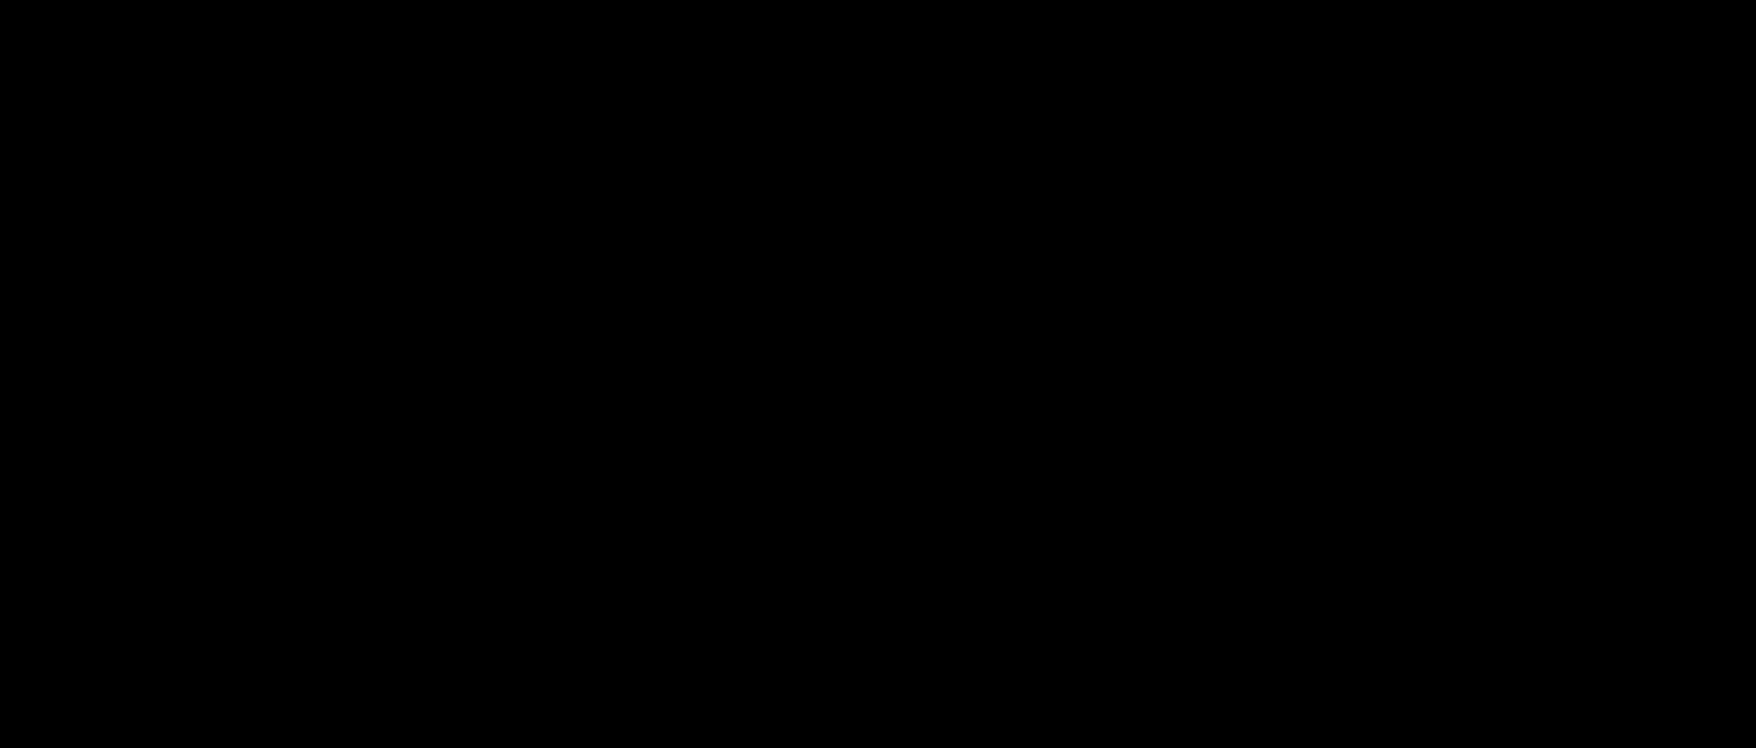 N-Feruloyl-4,5-dihydroxyanthranilic acid